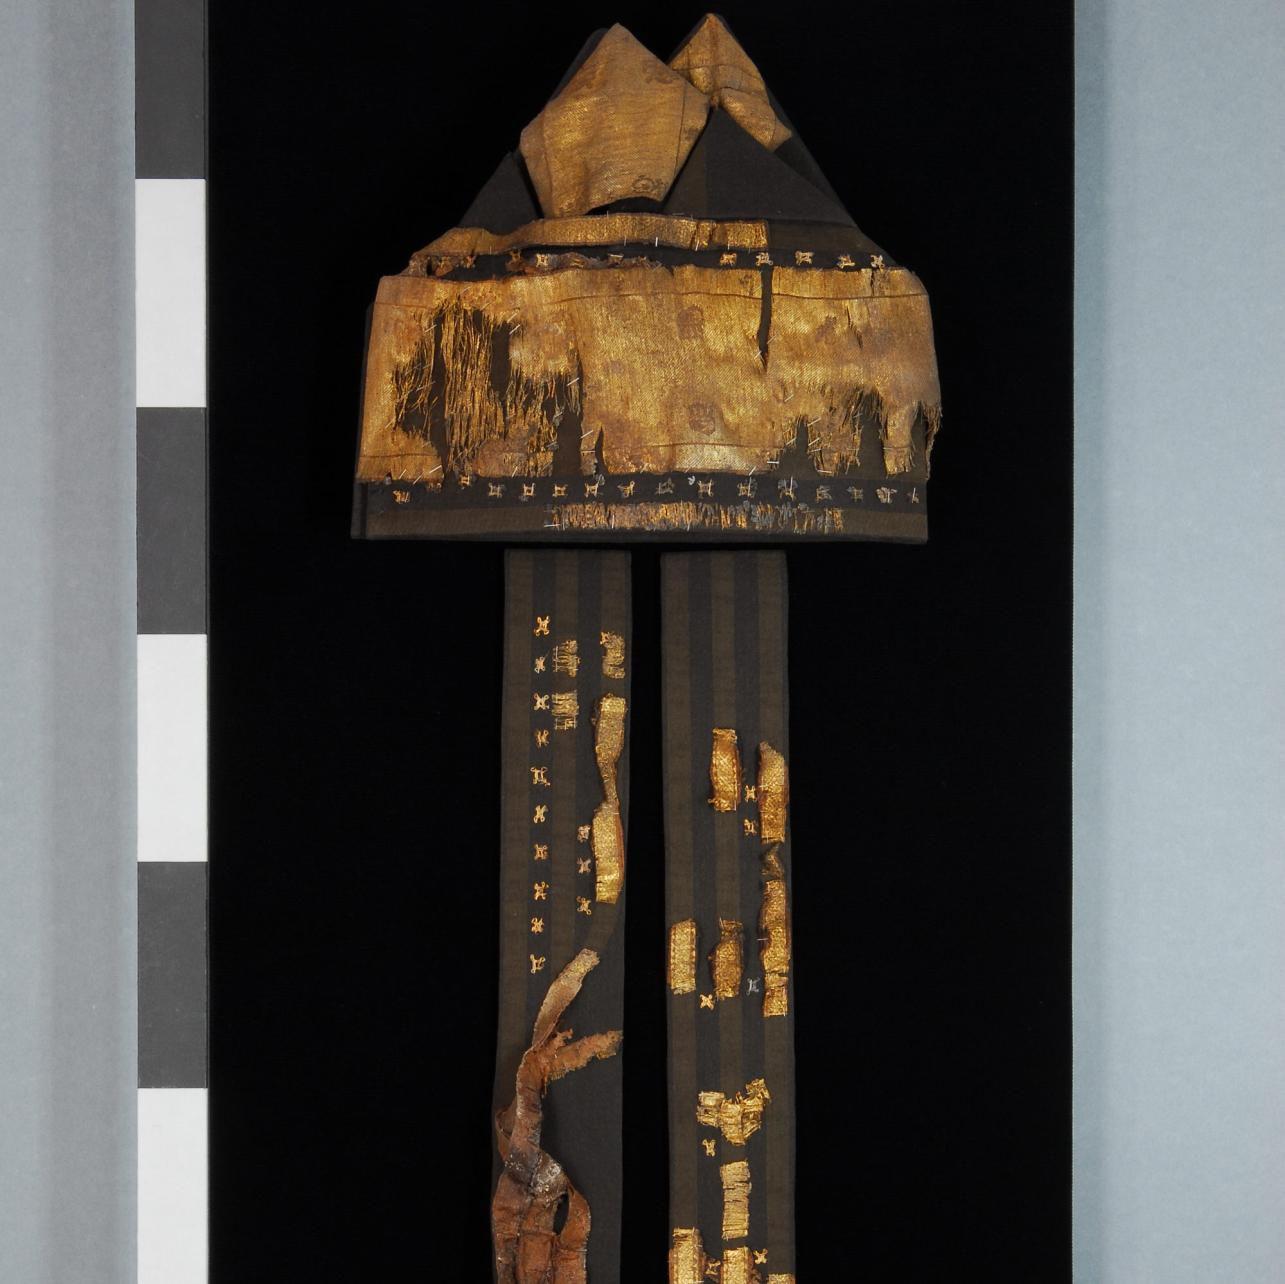 Die Mitra des Erzbischofs Wichmann im restaurierten Zustand. © Landesamt für Denkmalpflege und Archäologie Sachsen-Anhalt, Brigitte Dreyspring.